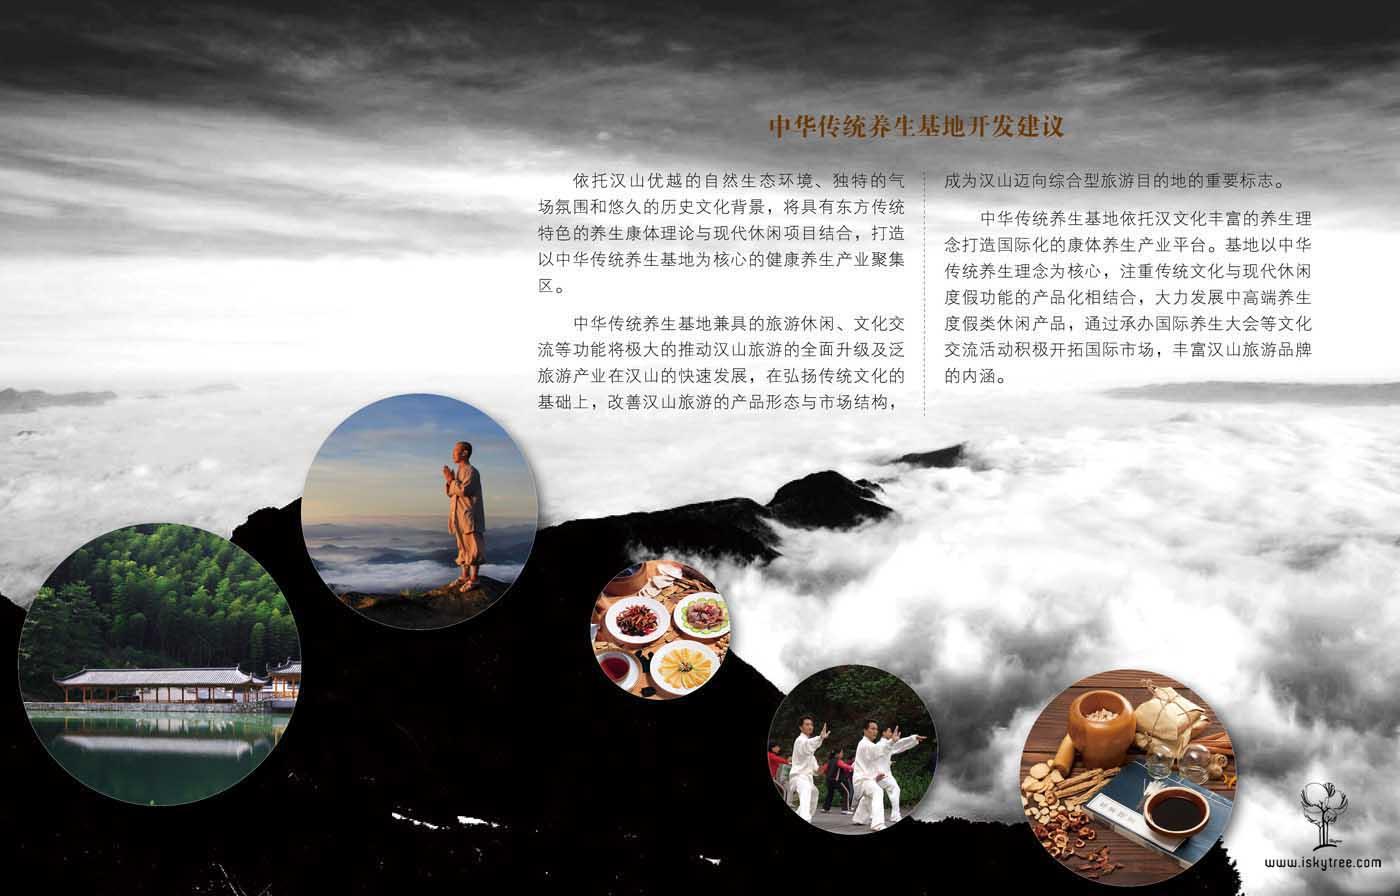 中华传统养生基地开发建议